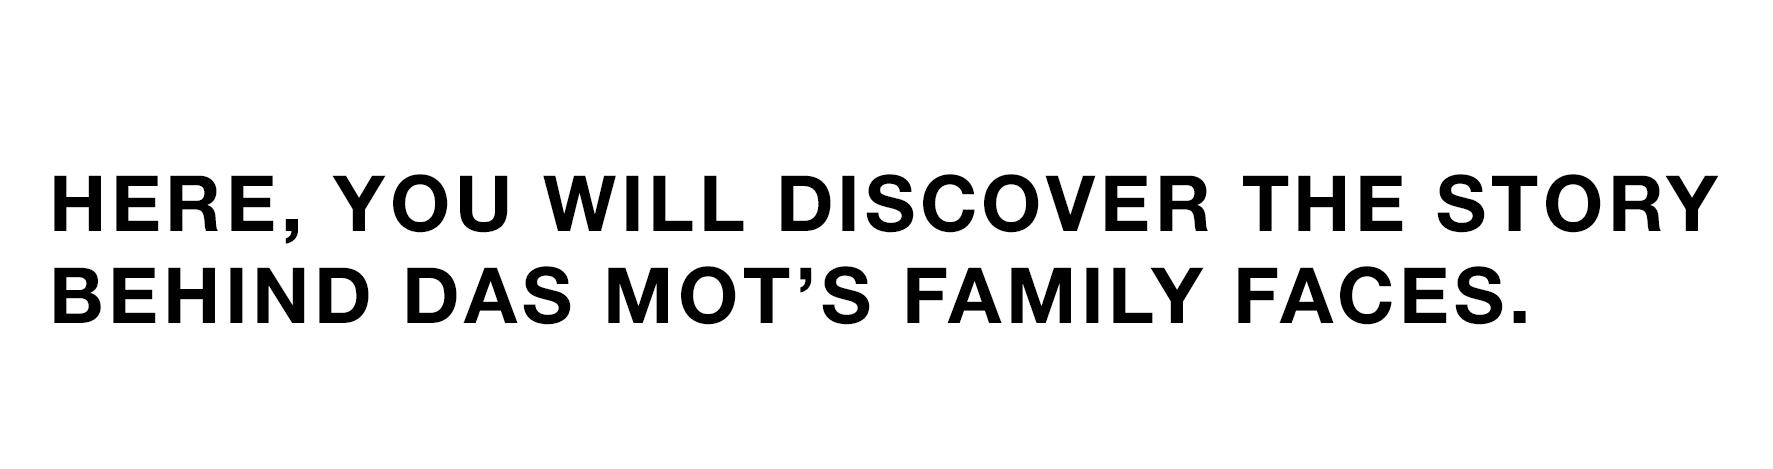 dasmotfamily.png